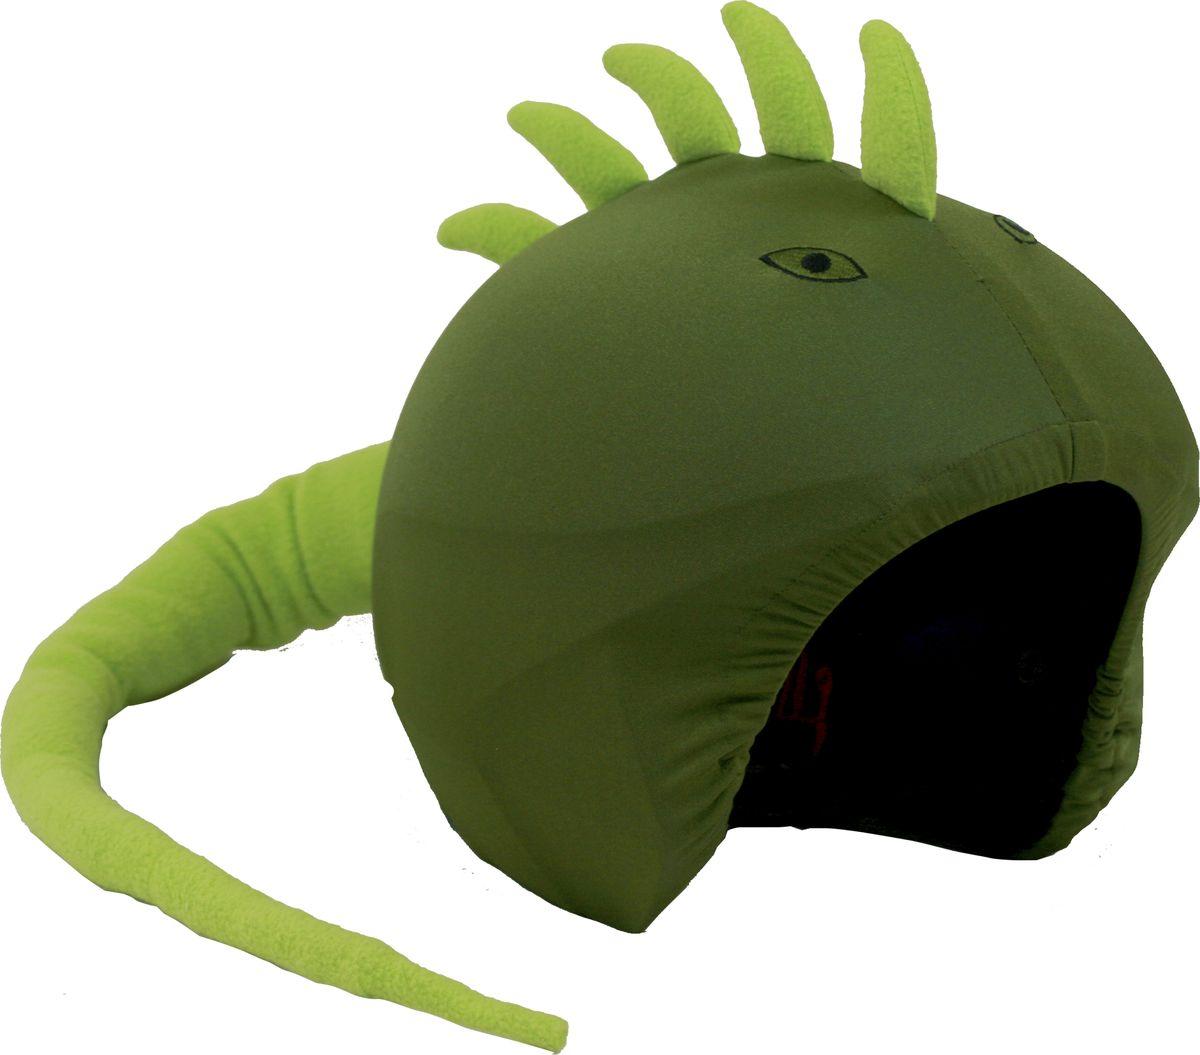 Нашлемник CoolCasc  Iguana. Игуана , цвет: зеленый - Аксессуары и защита